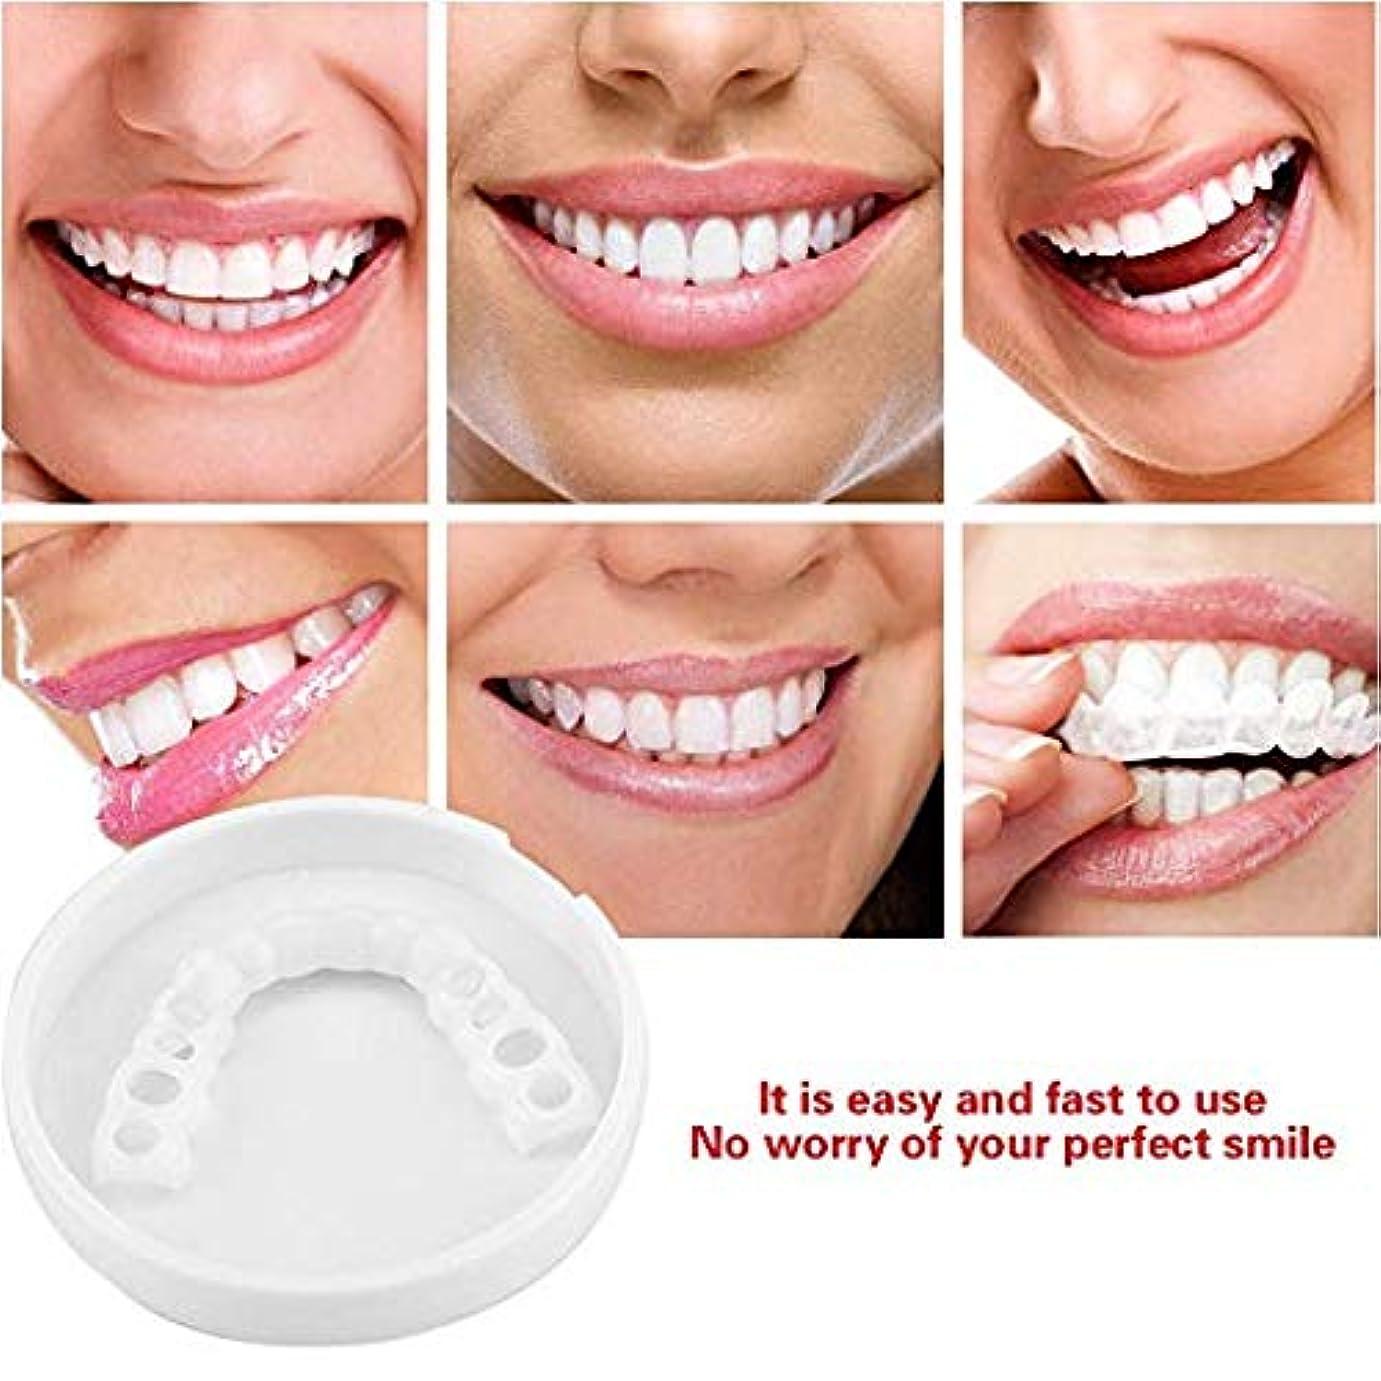 動力学ラッカス息を切らして16セットのコスメティックデンタルマッサージ、笑顔、笑顔、快適、すべてのメイクアップ歯に最適、最も快適な義歯ケア用のワンサイズ